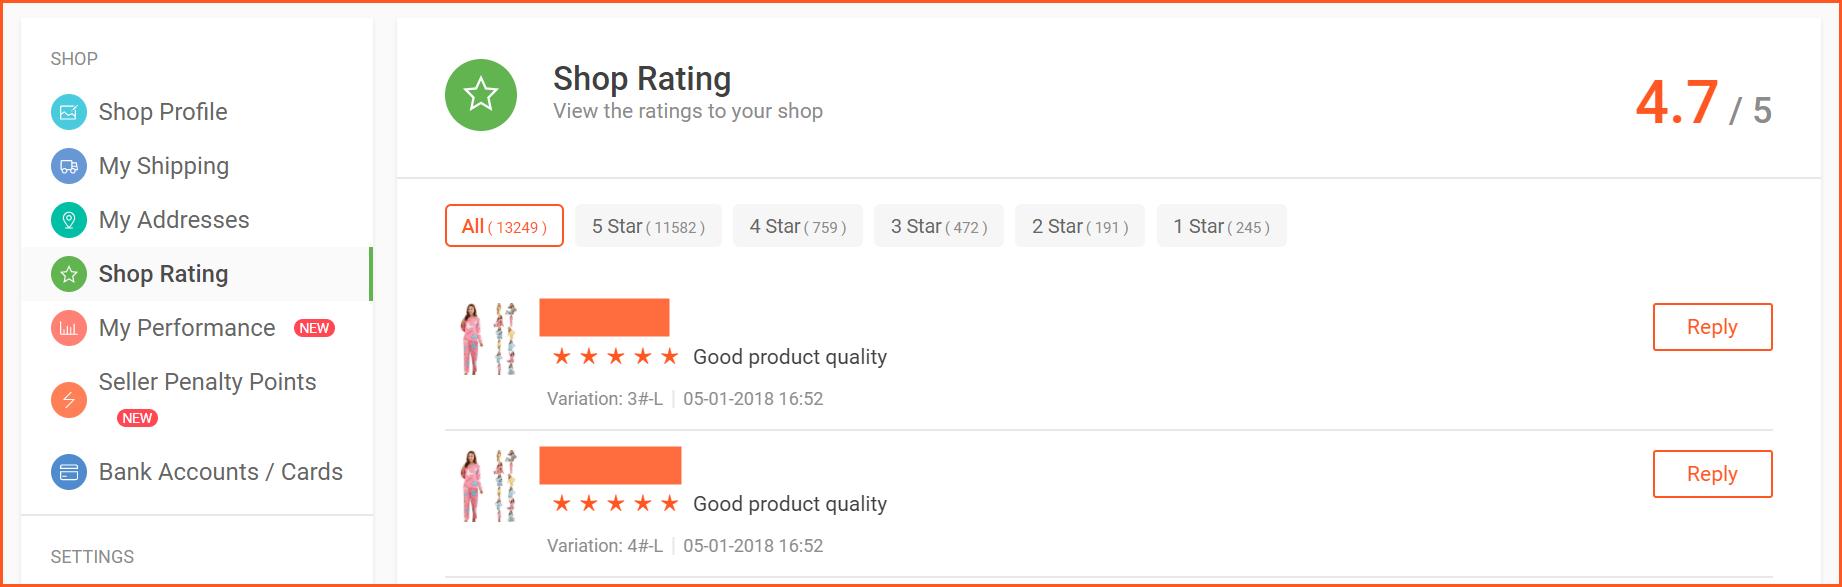 虾皮购物(Shopee电商平台)从商家帐号注册入驻卖家平台到运营教程 – 订单管理与售后 评价管理